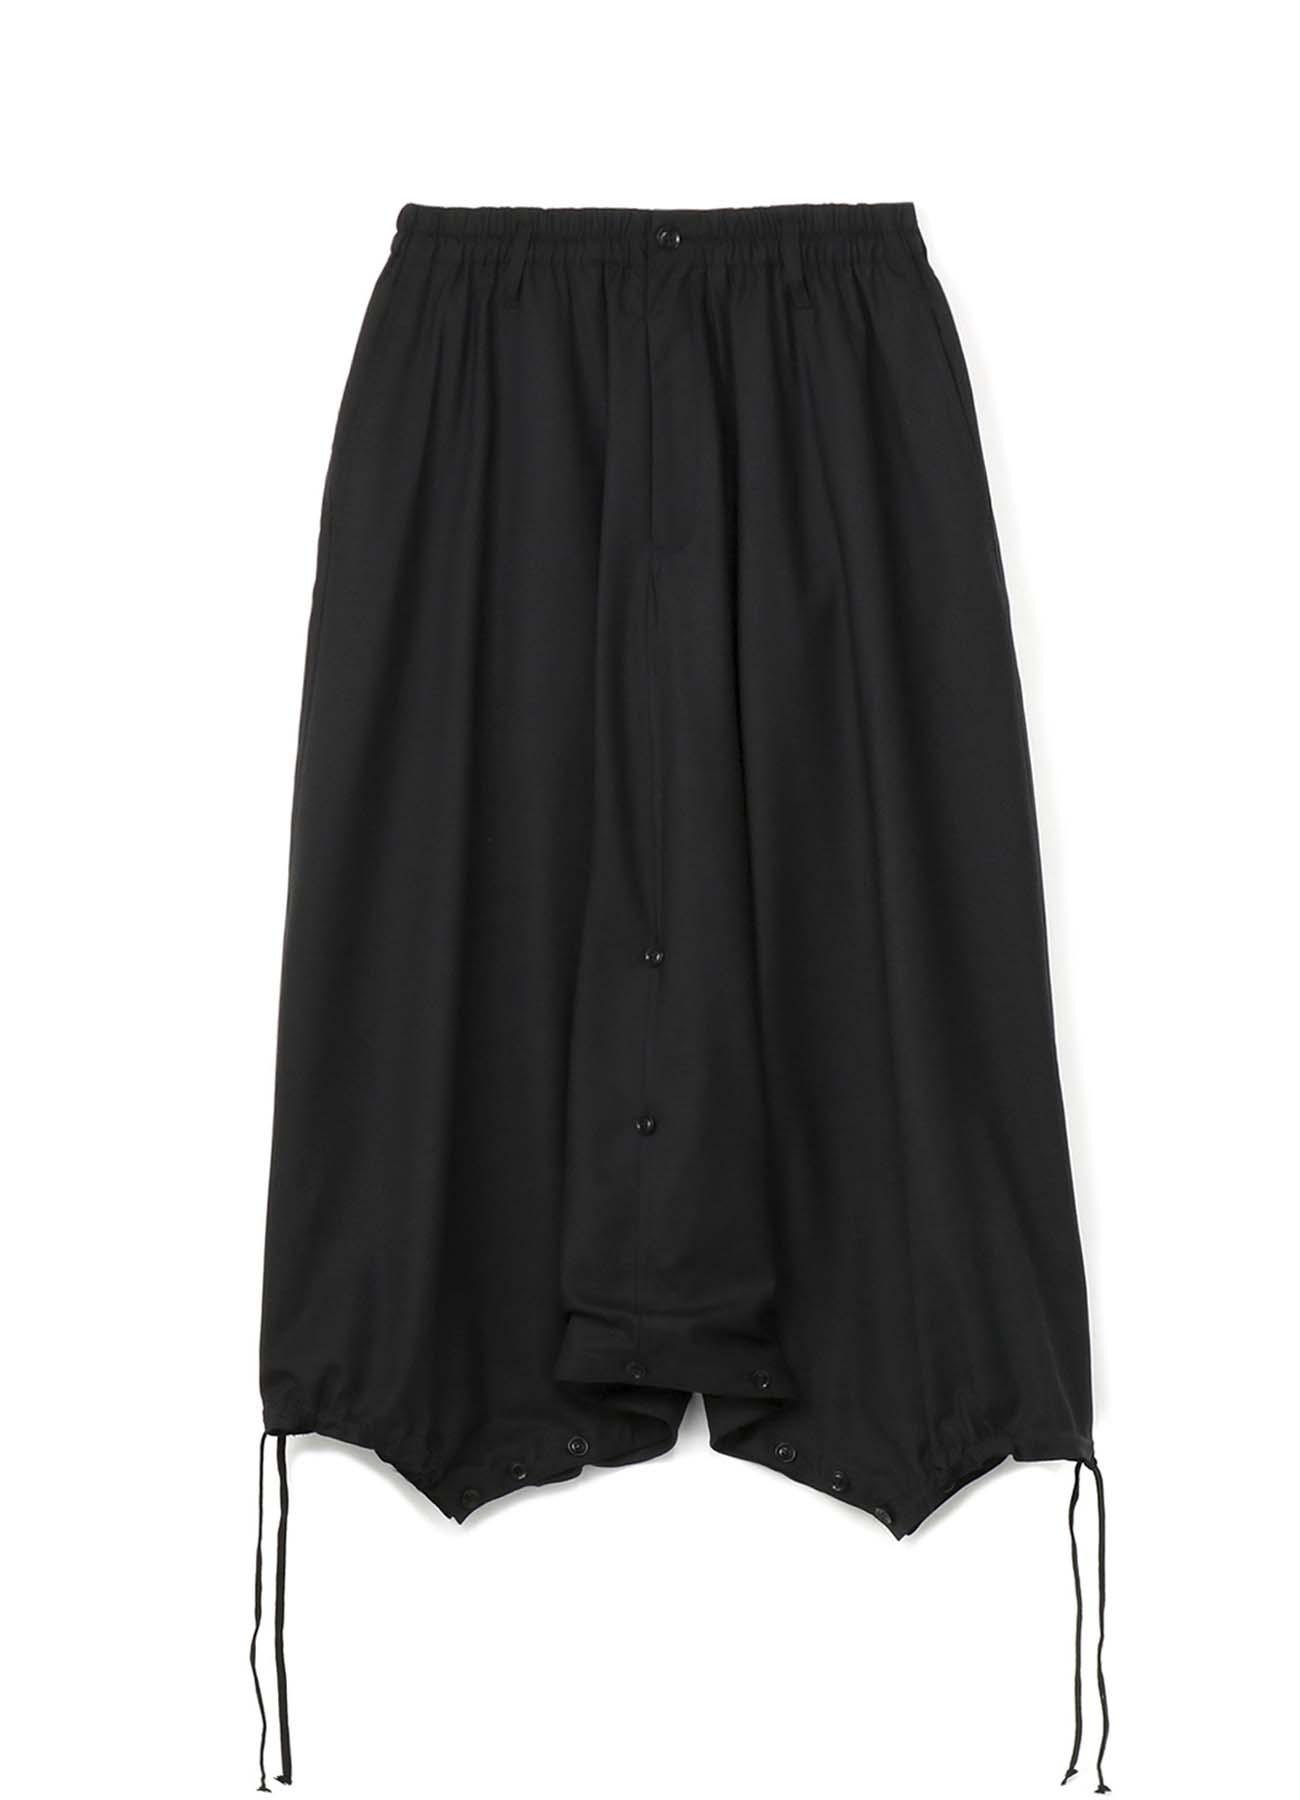 No.12多穿裤裙